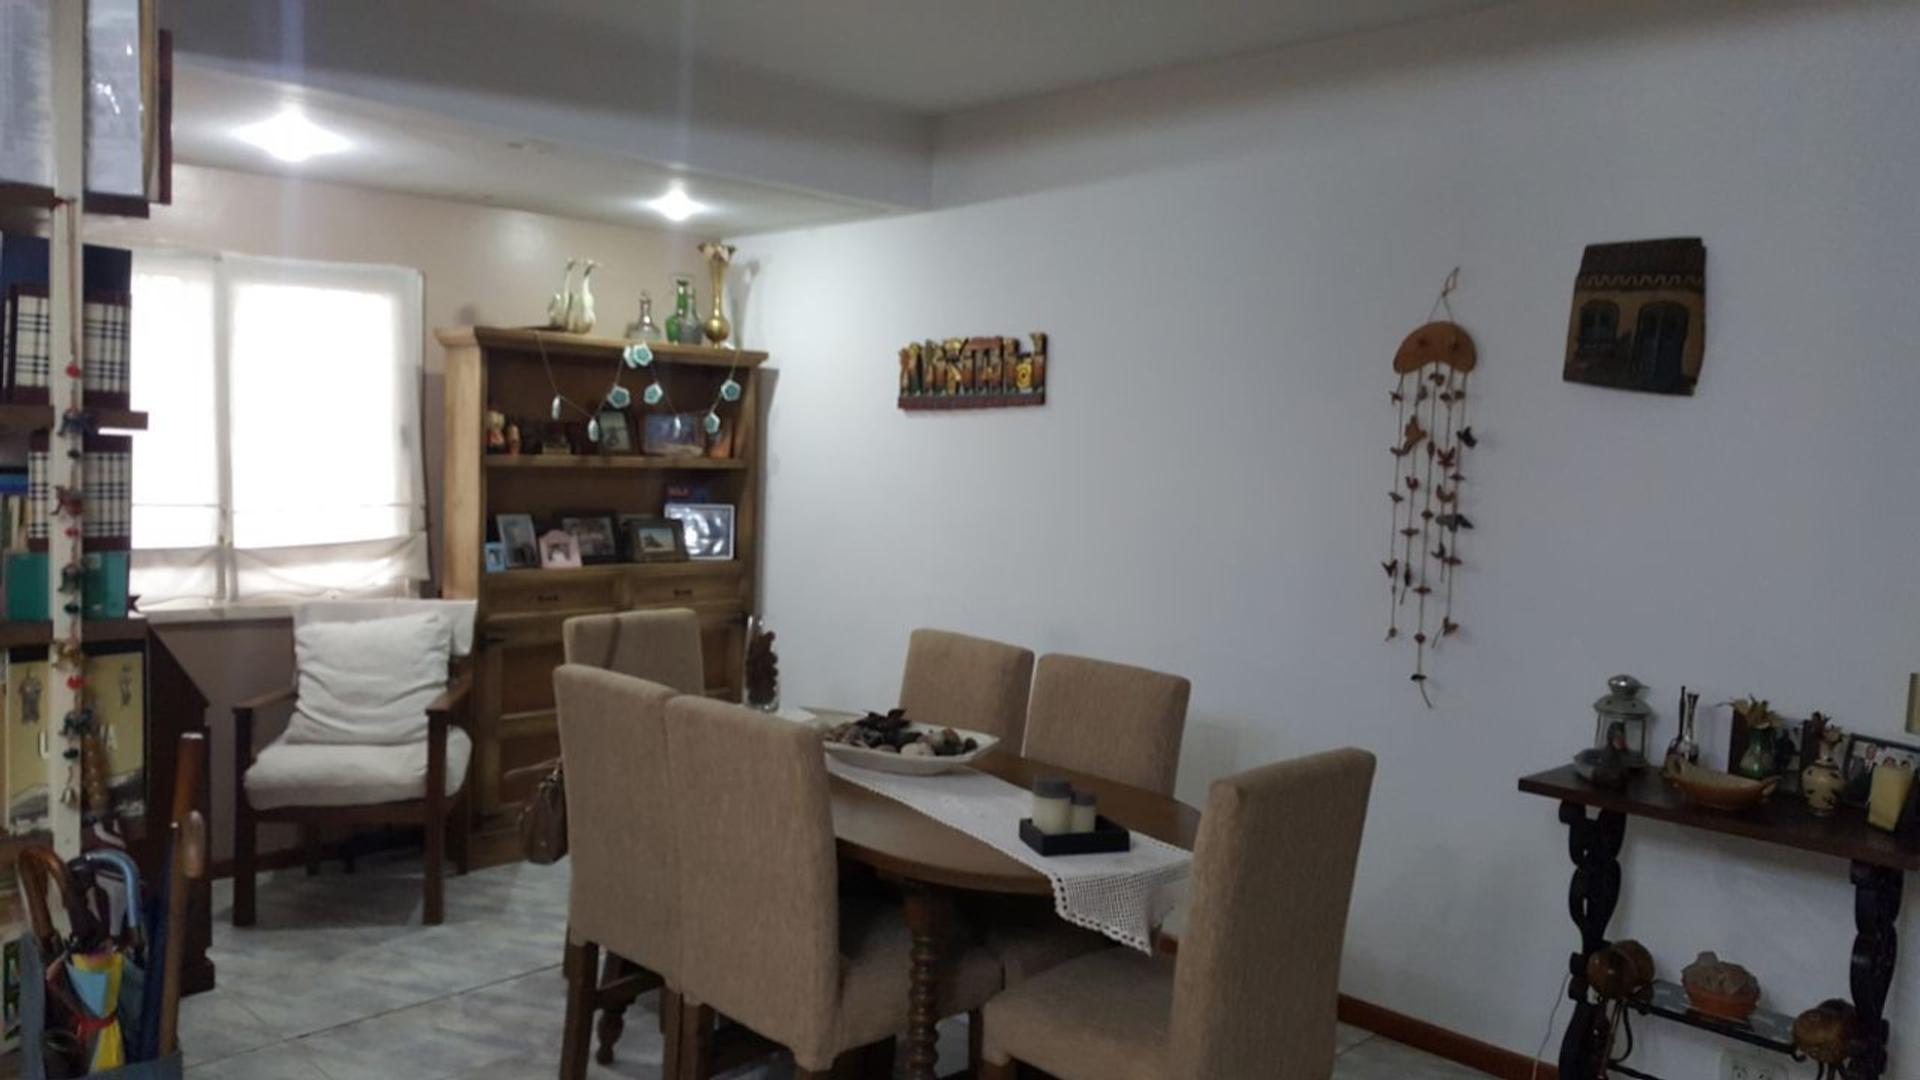 Excelente duplex de cinco ambientes ubicado en Barrio guemes